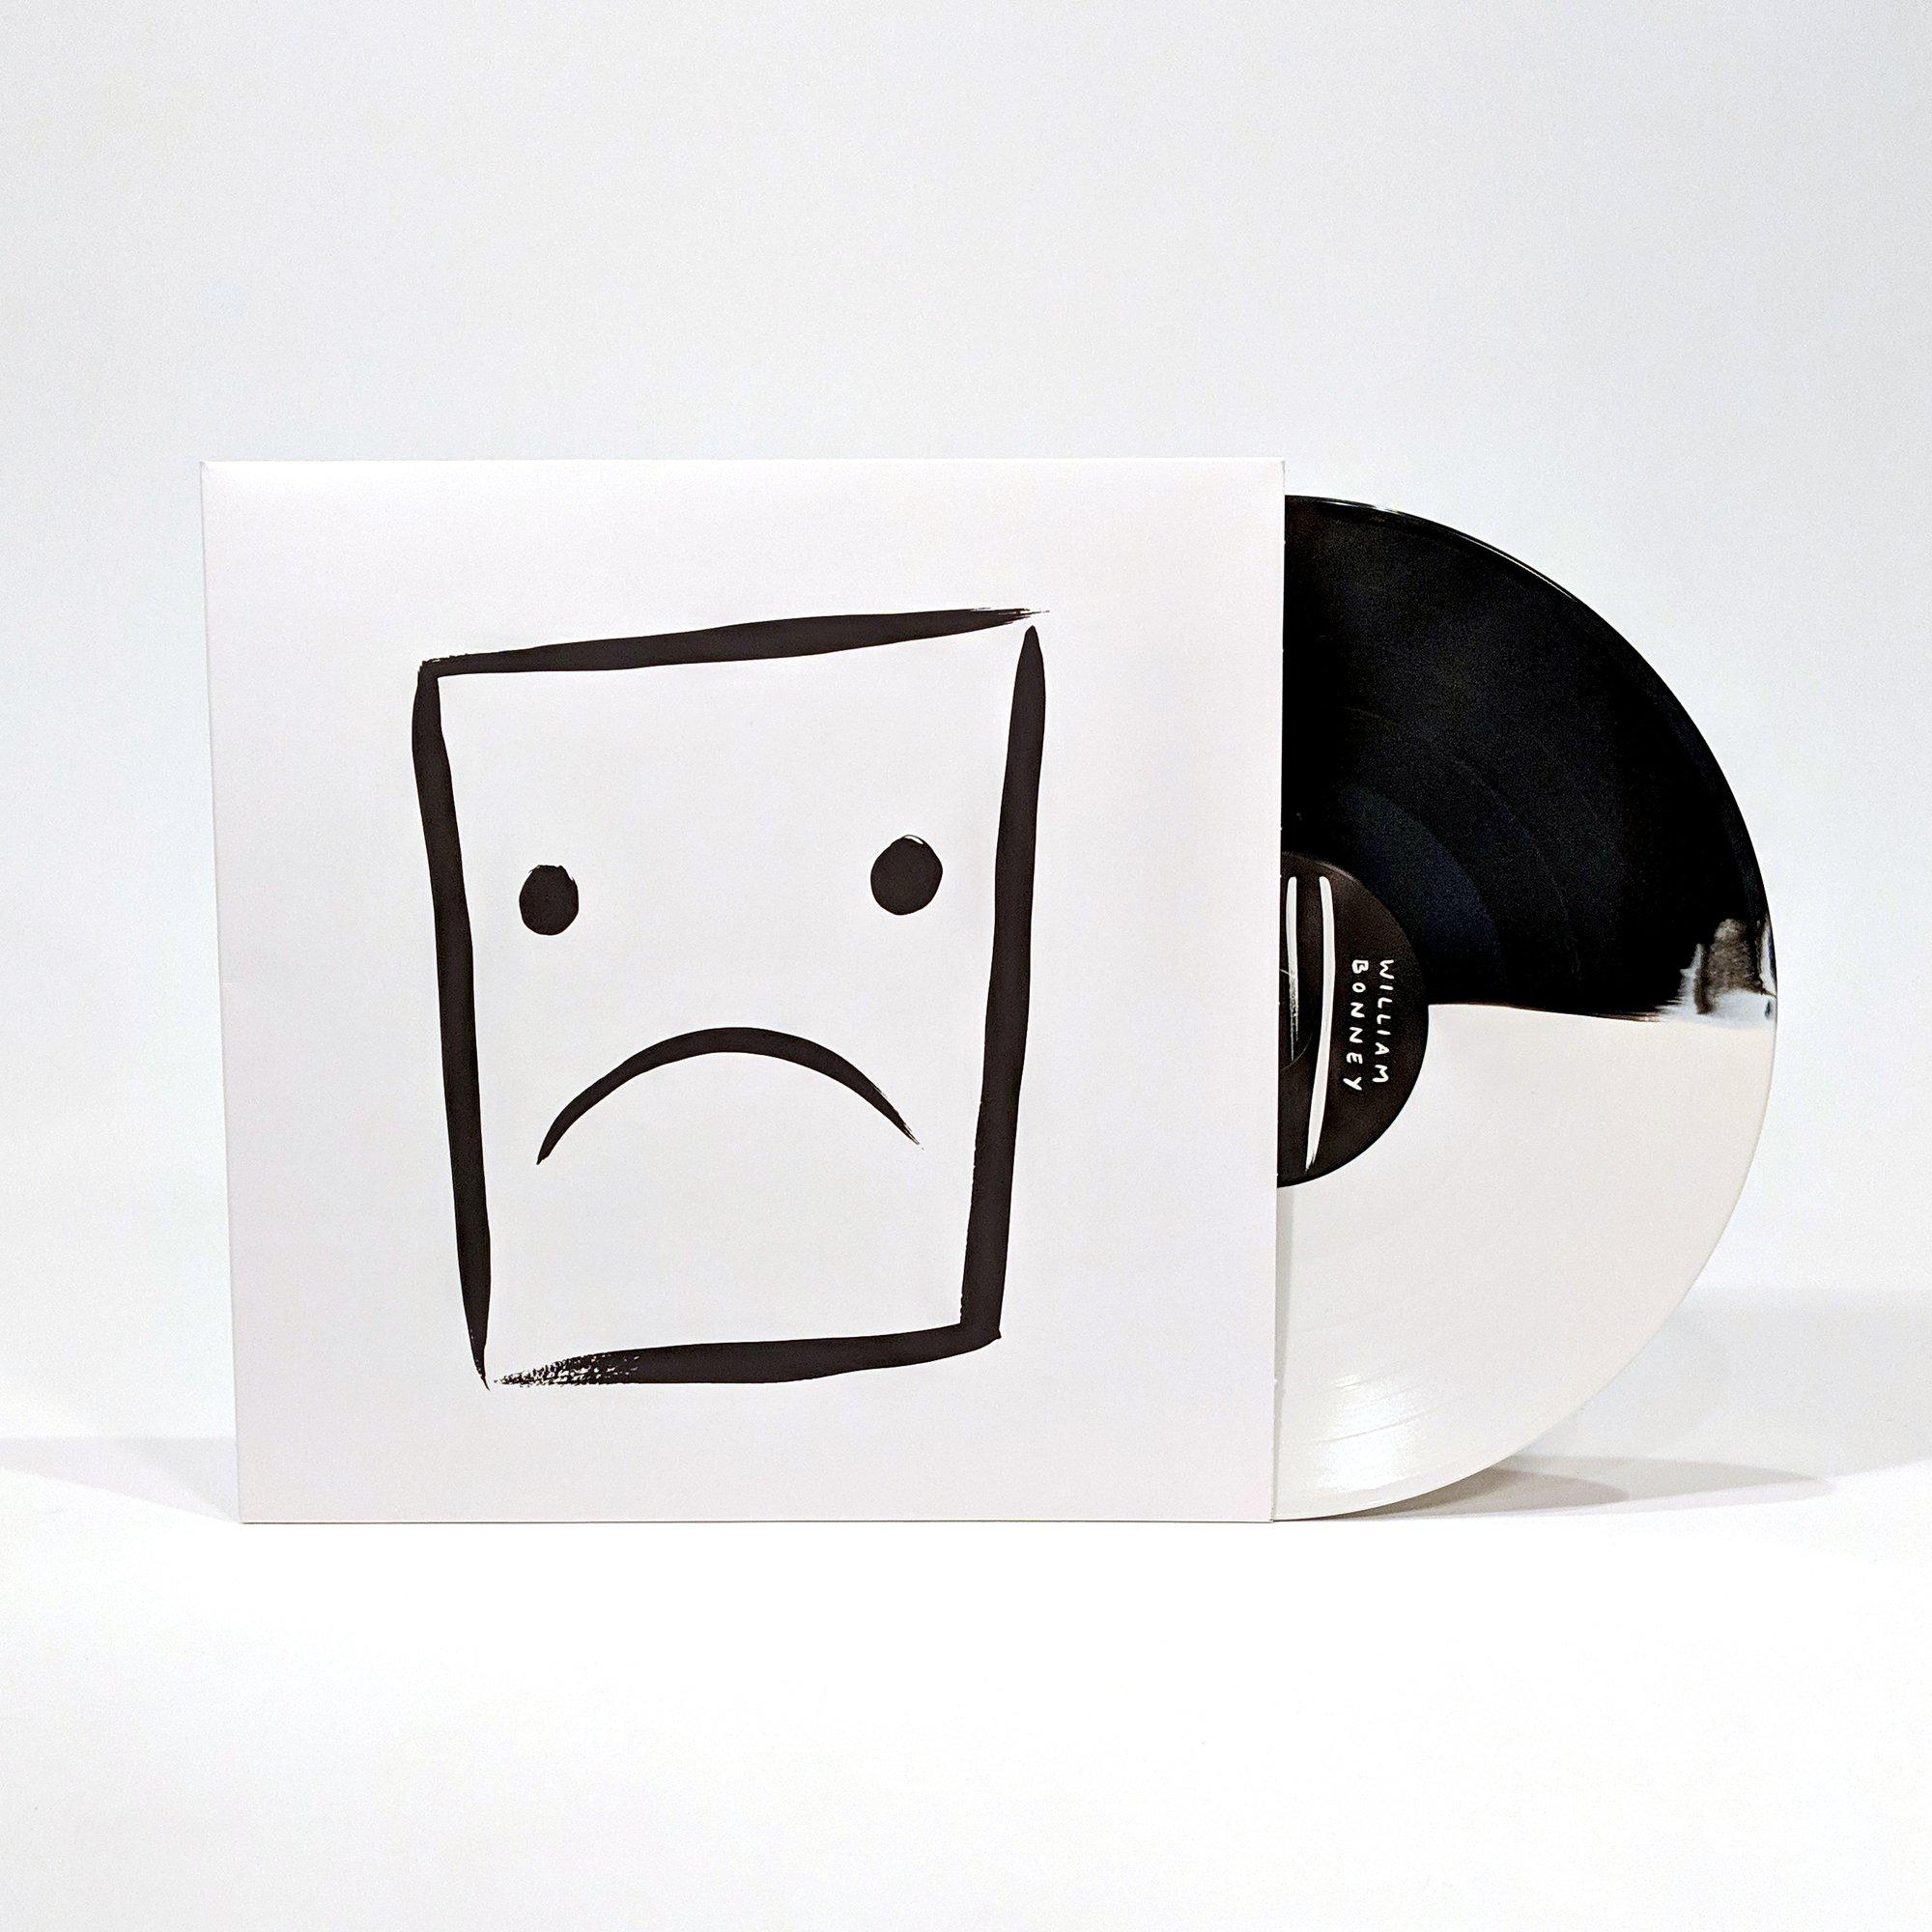 William_Bonney_White_Black_High_Res_Vinyl_2000x.jpg